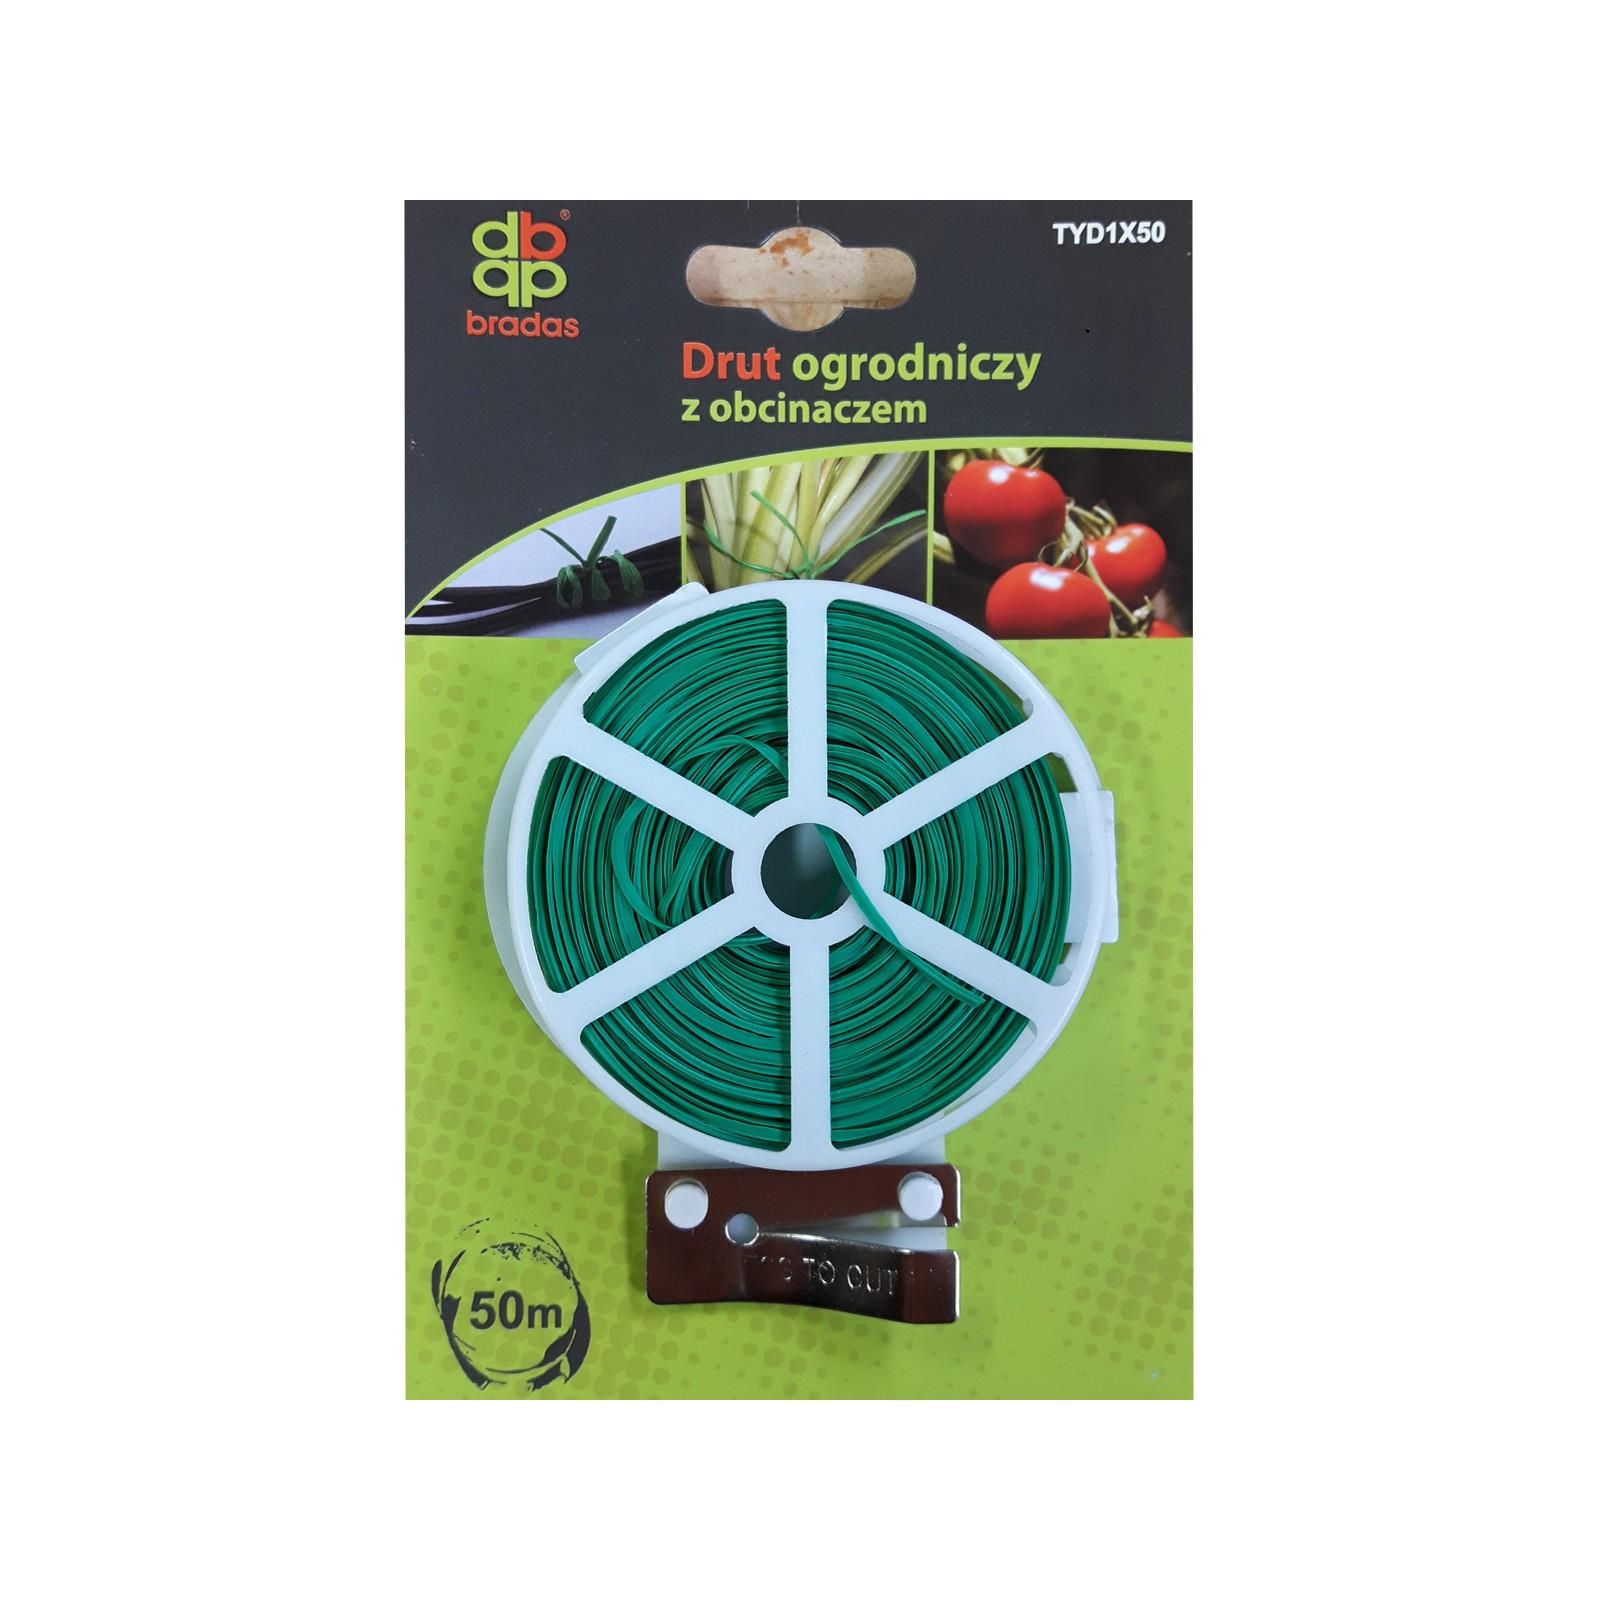 Záhradný drôt zelený 50m a nožík na rezanie drôtu megamix.sk